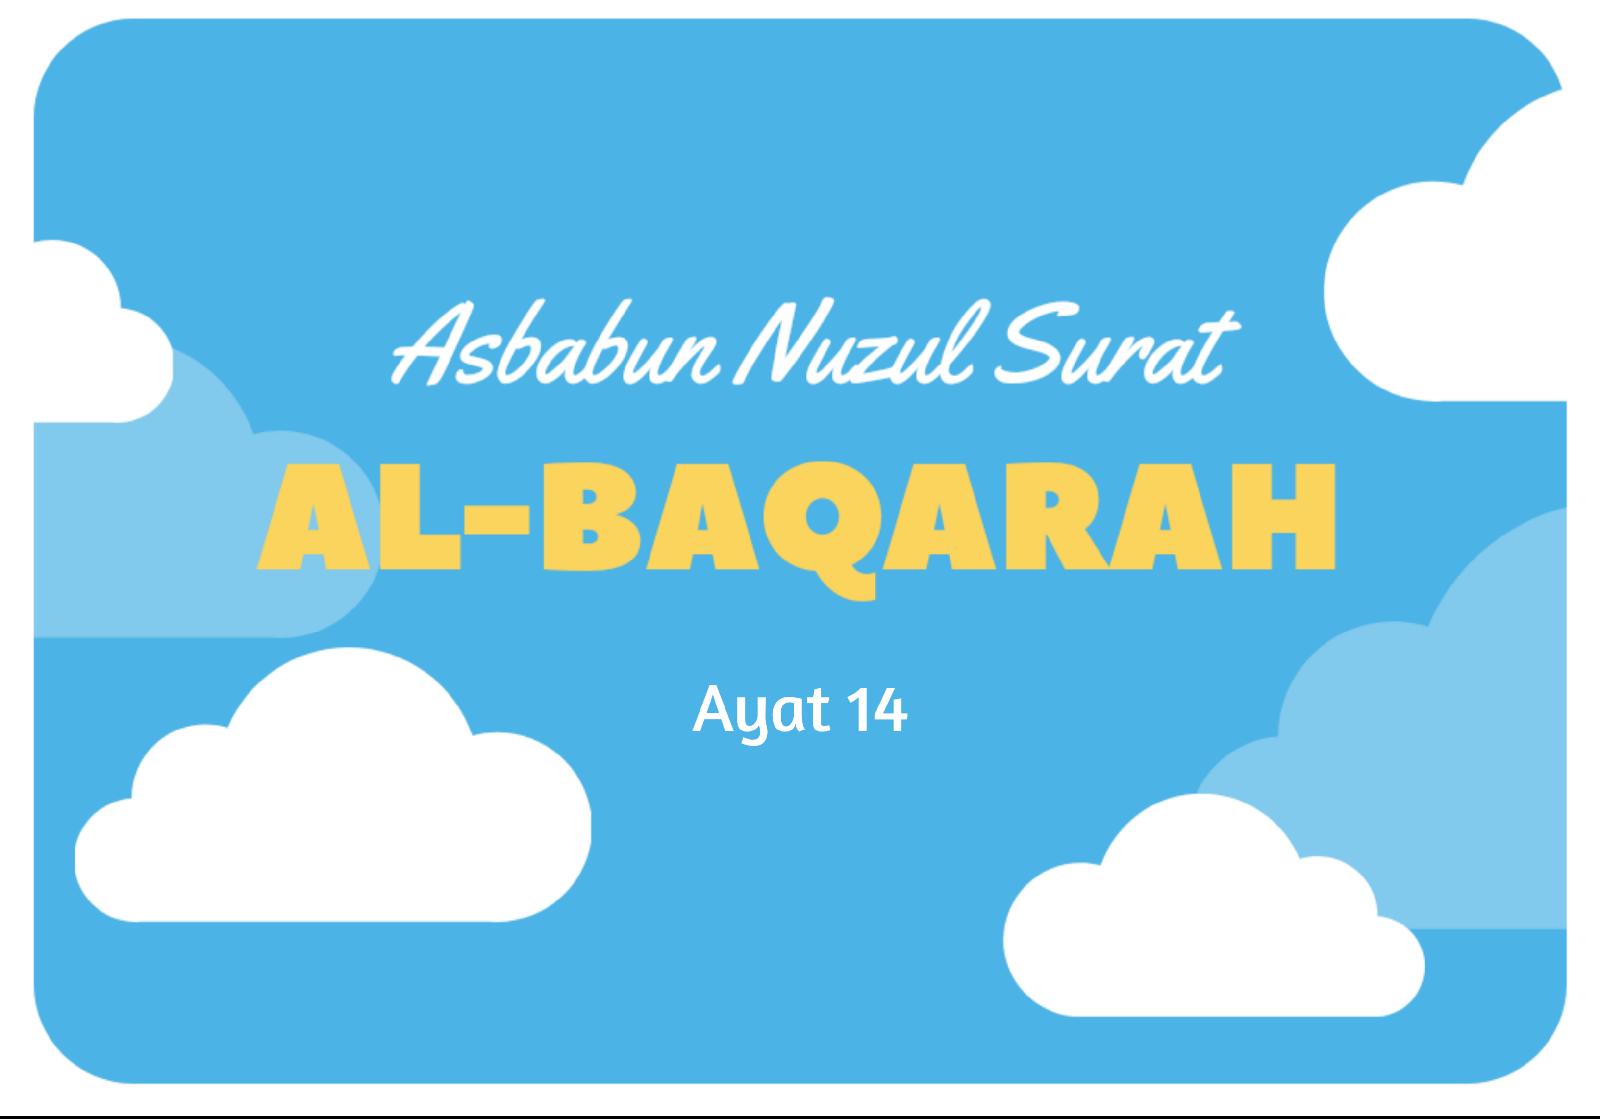 asbabun nuzul surat al baqarah ayat 14, asbabun nuzul, sebab turunnya albaqarah 14, albaqarah 14